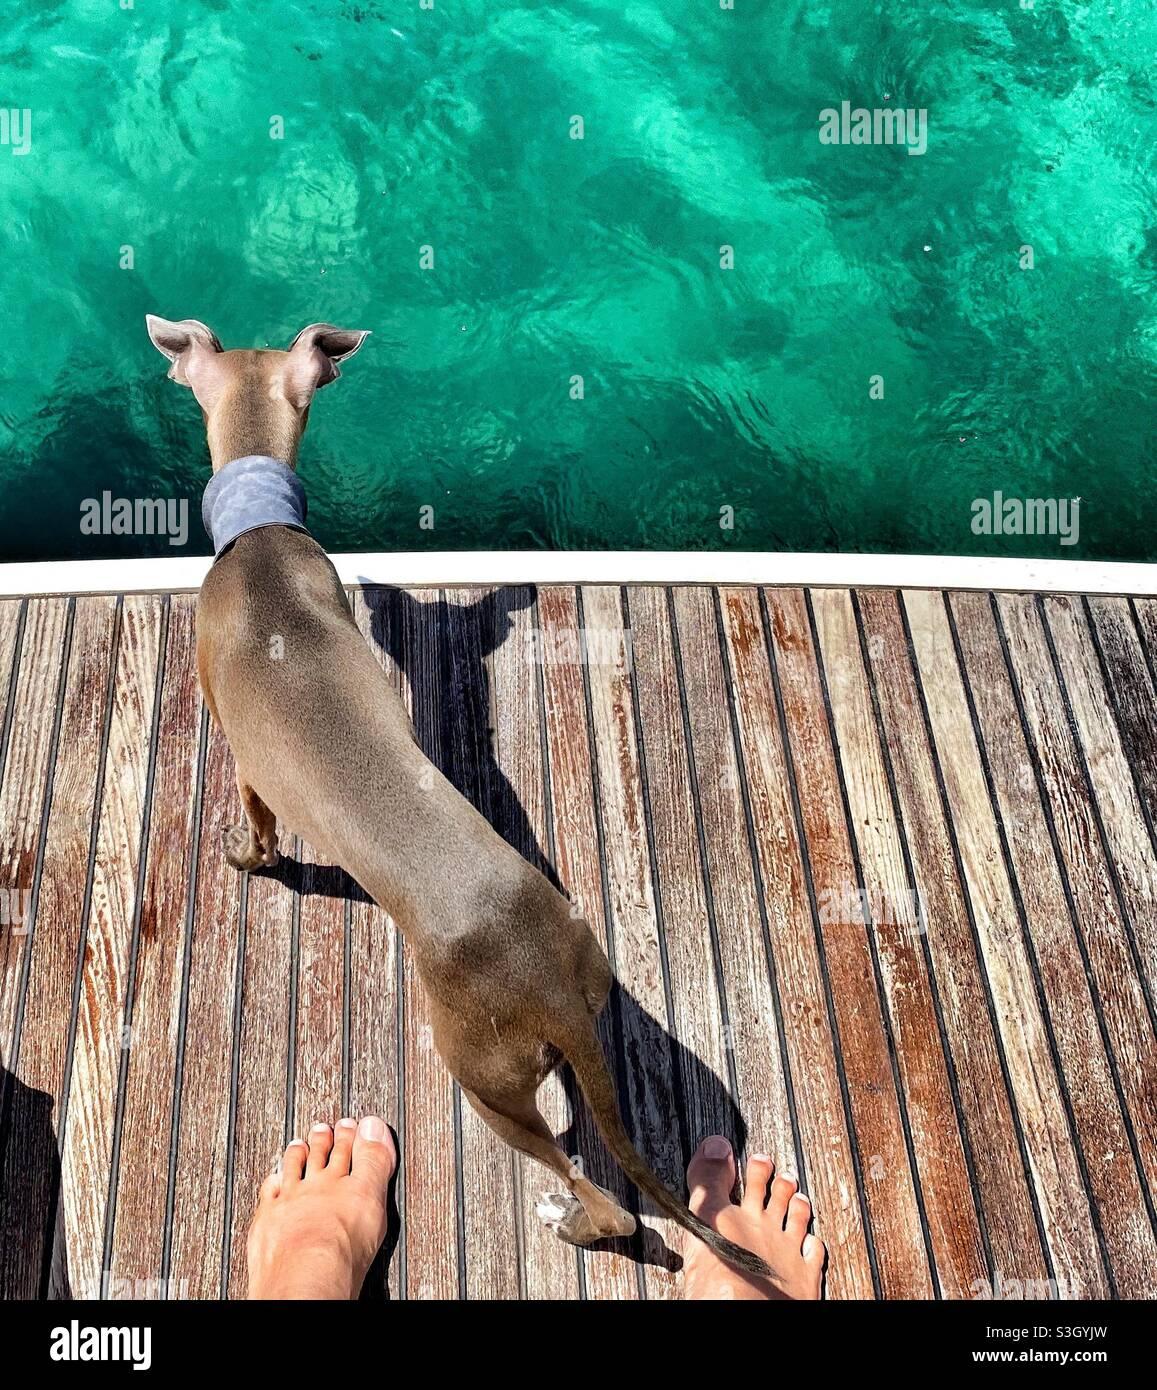 Auf einer Holzterrasse am Meer mit einem italienischen Windhund Stockfoto